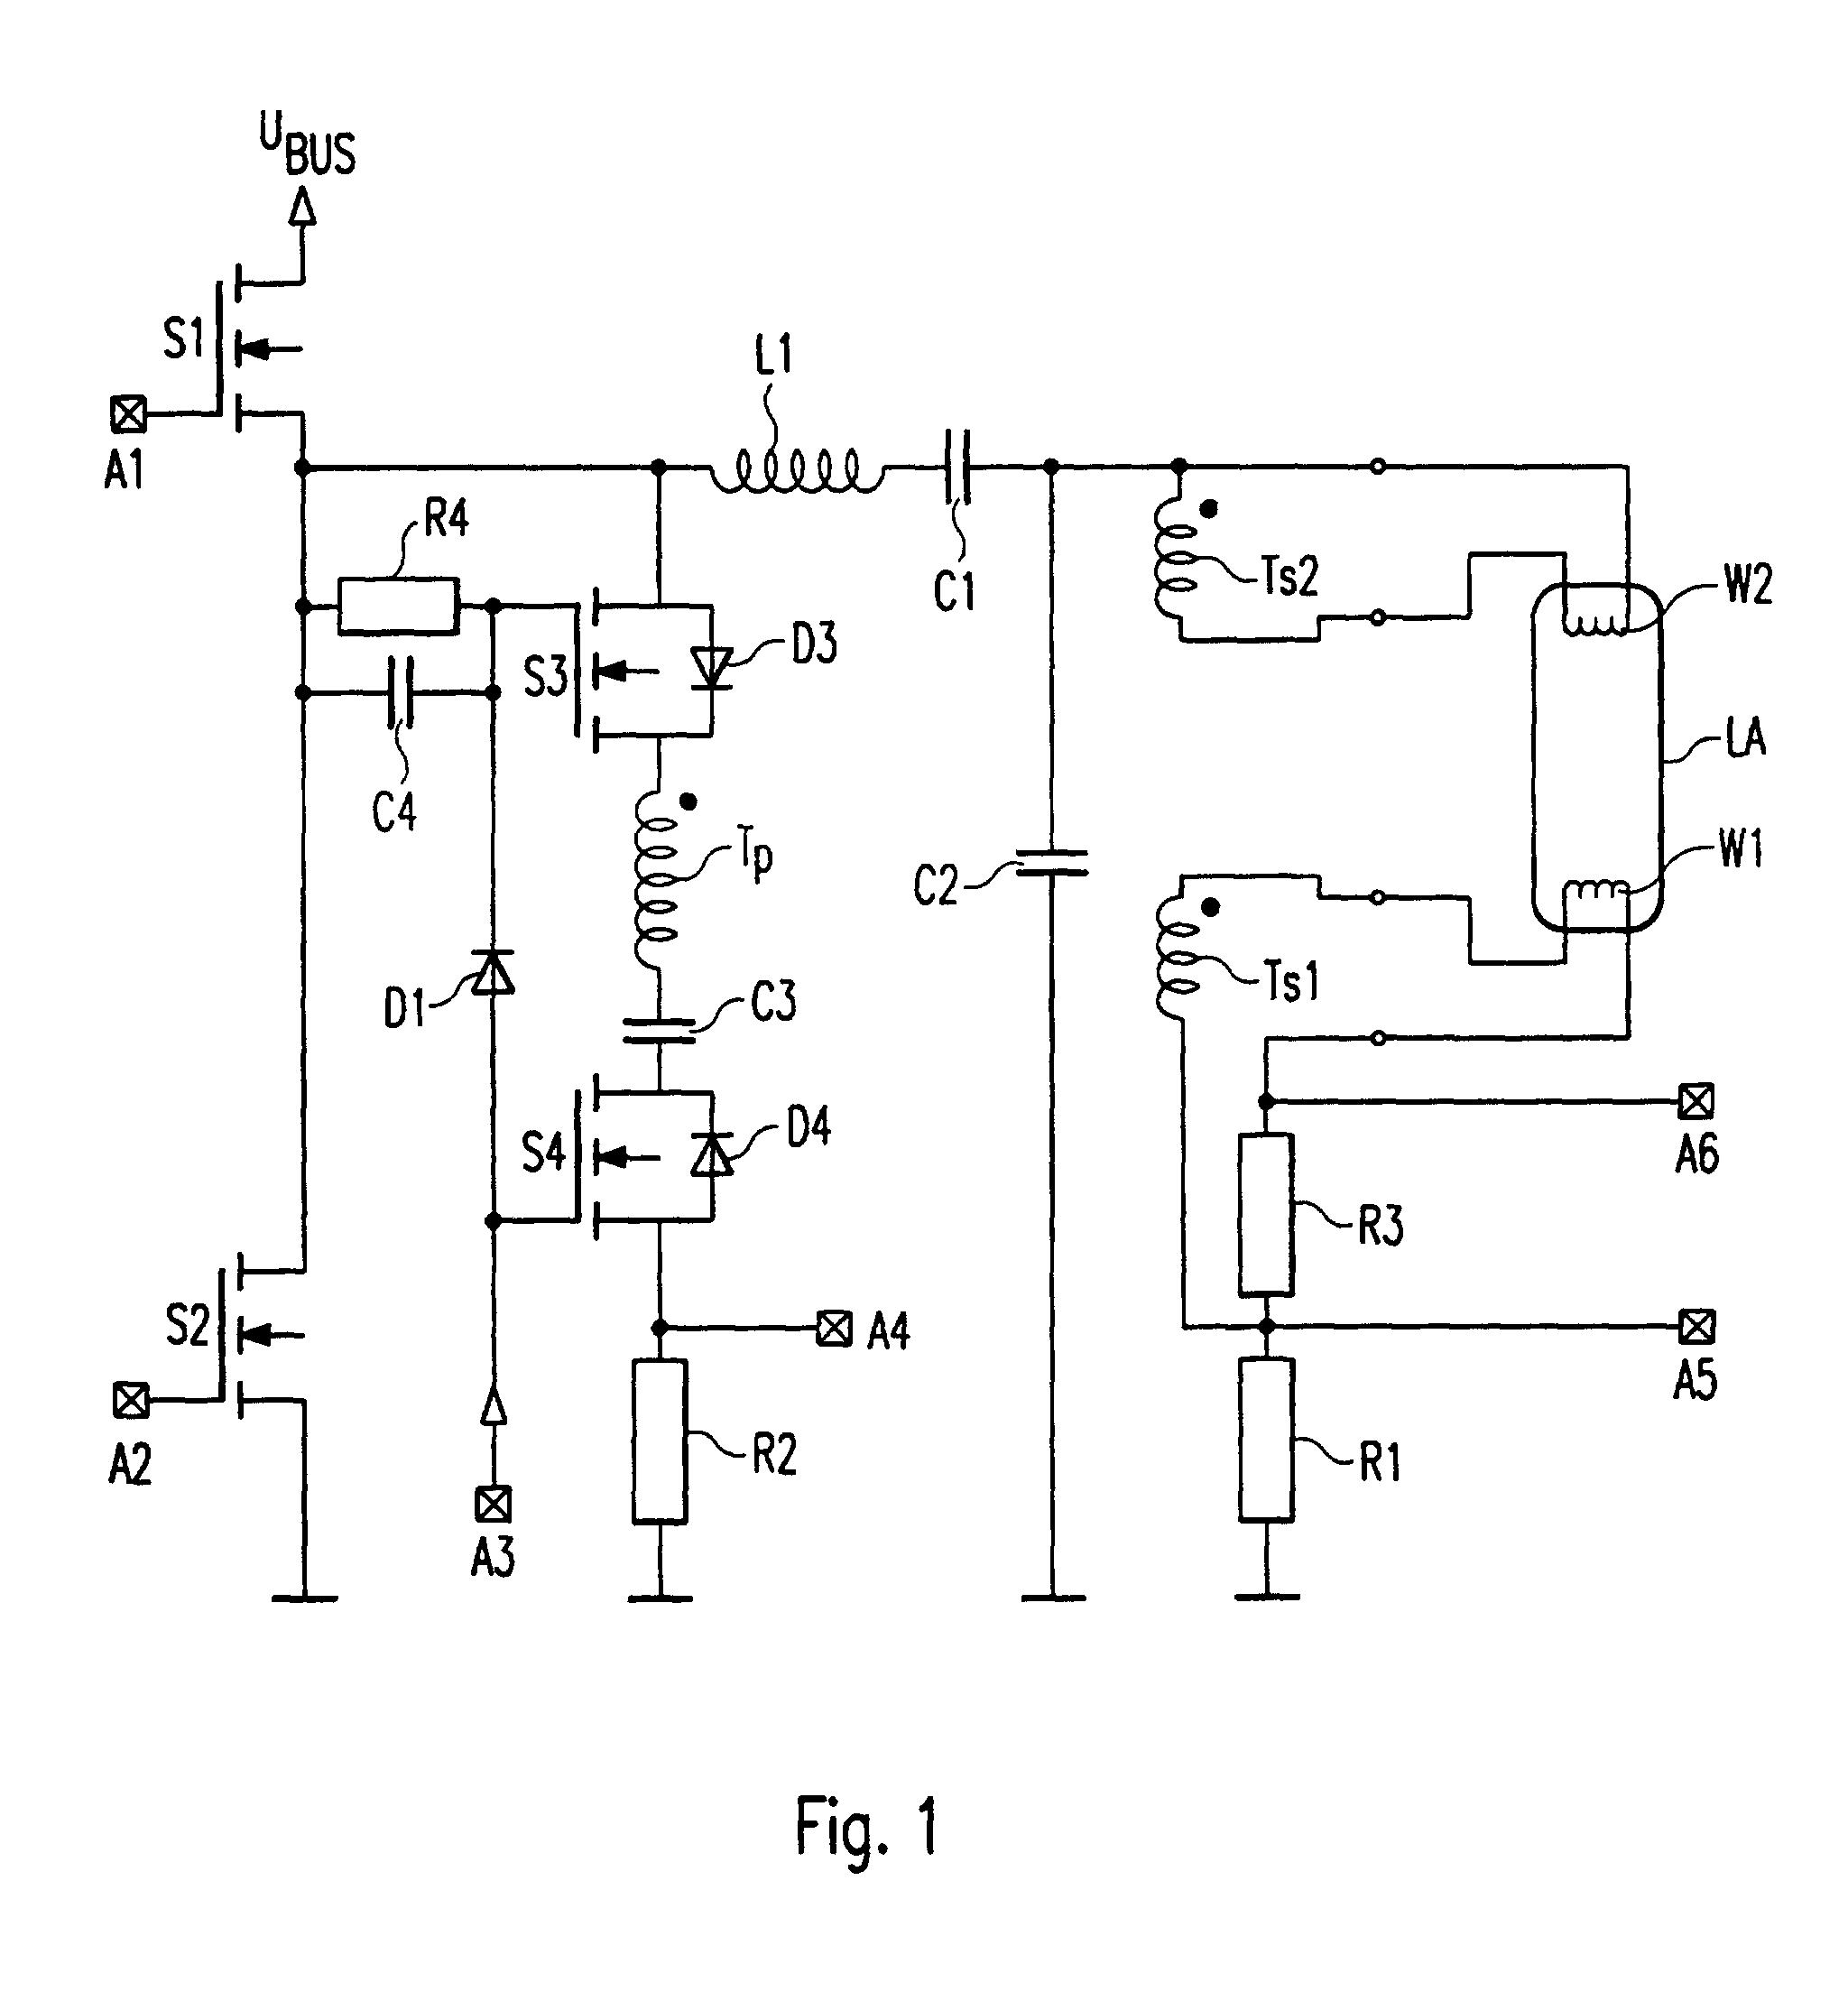 00310001 Spannende Elektronisches Vorschaltgerät Leuchtstofflampe Schaltplan Dekorationen